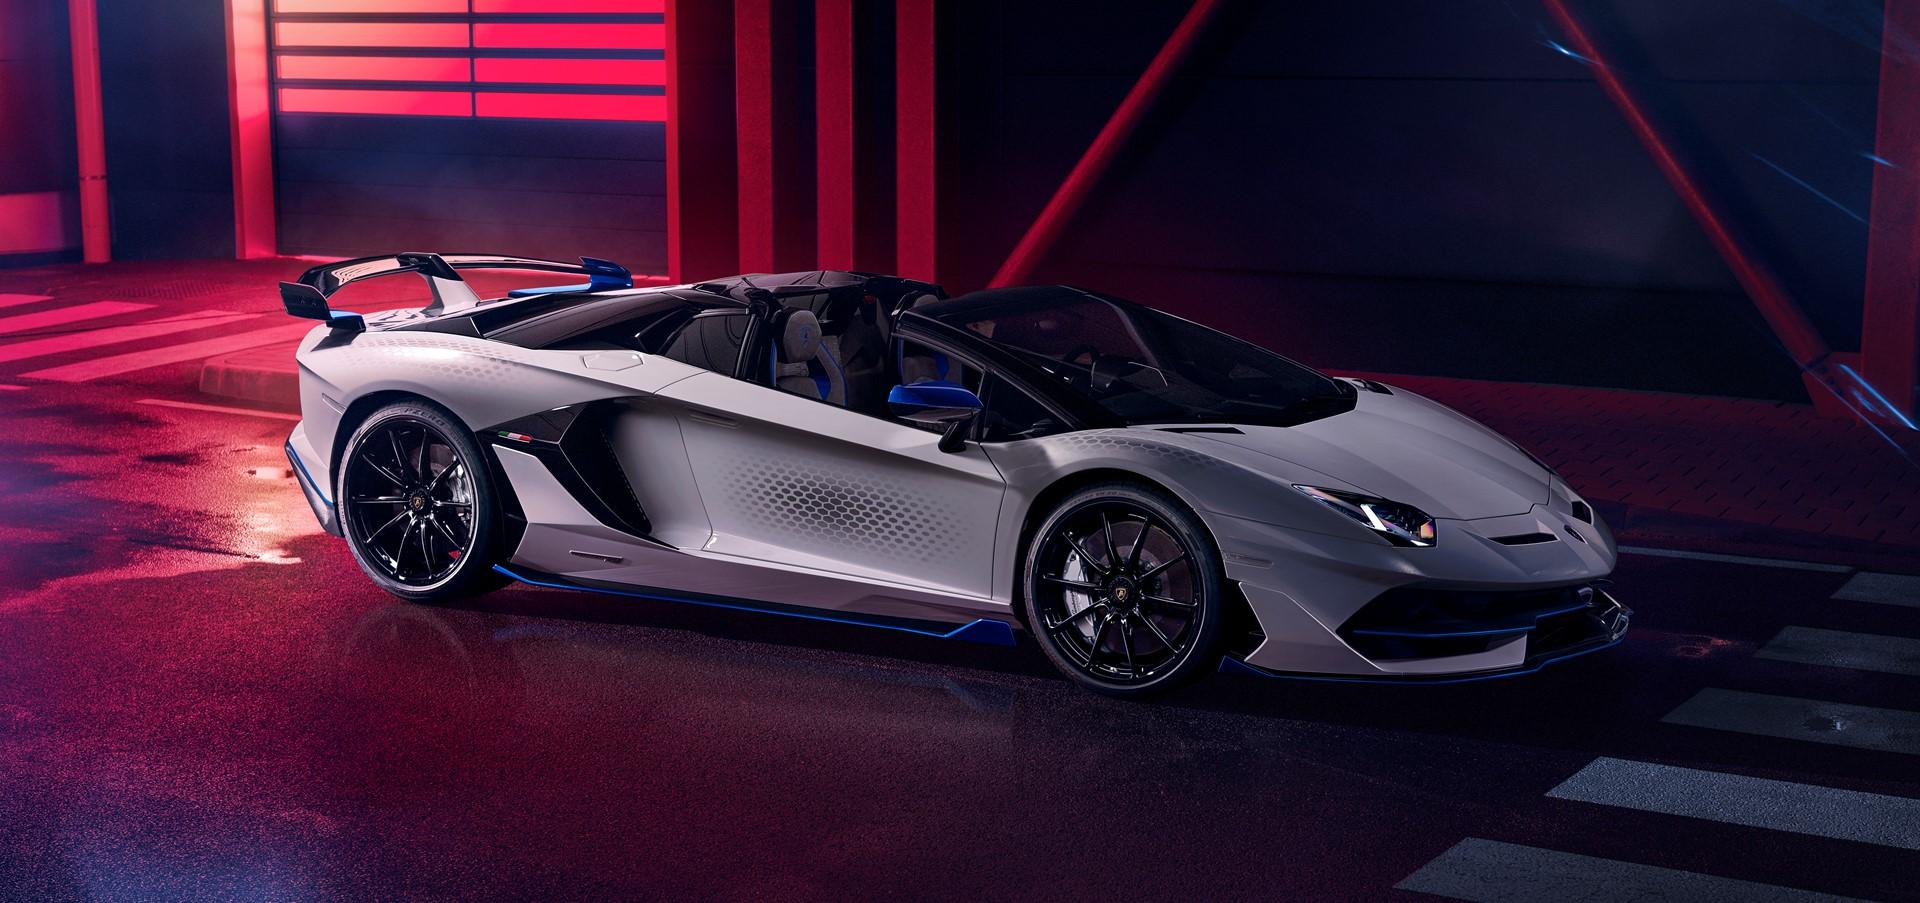 Lo studio Lamborghini Ad Personam diventa virtuale